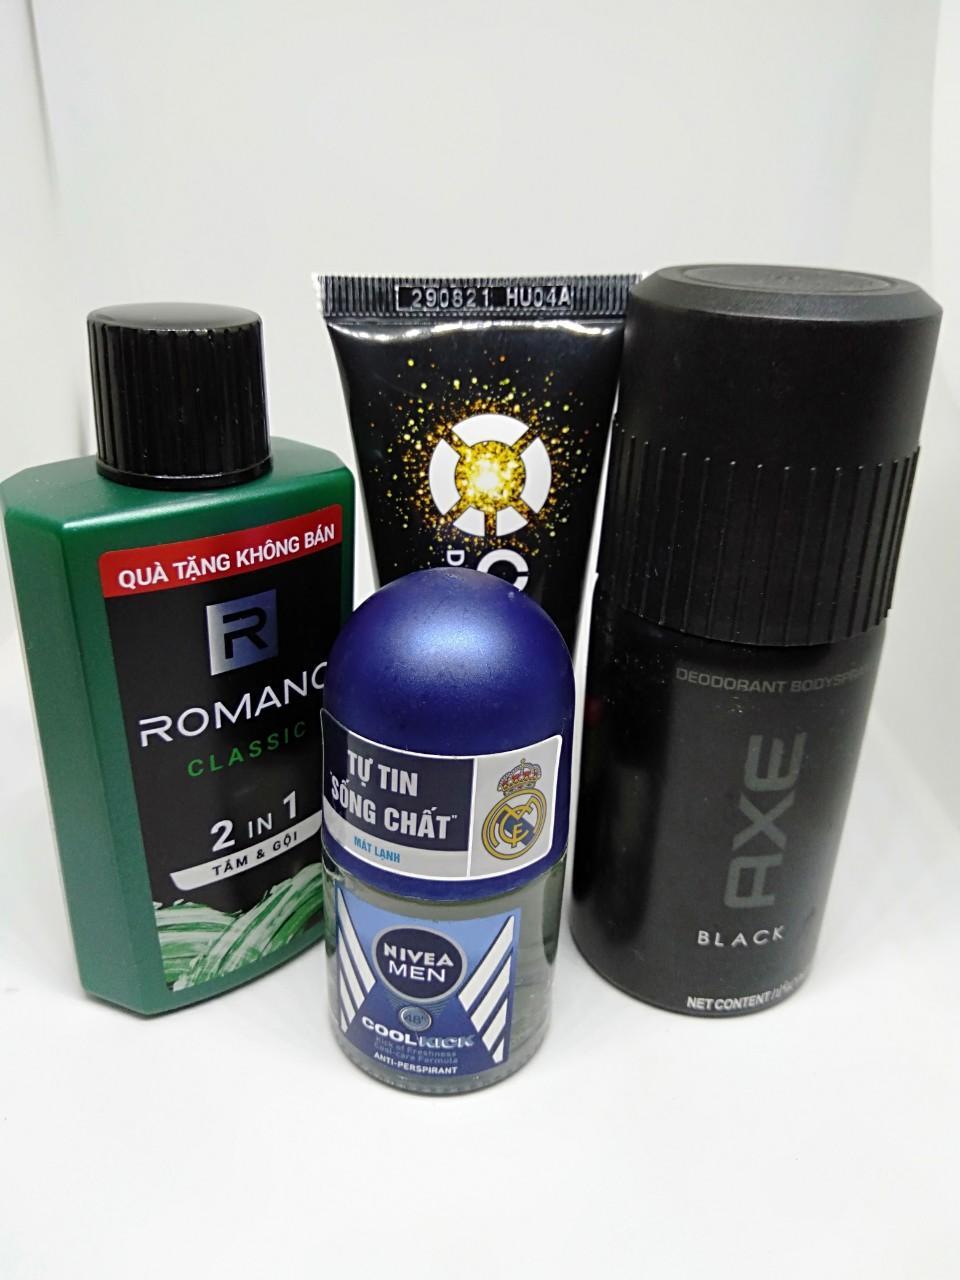 Trọn bộ dành cho nam giới 4 món gồm: 1 Chai dầu tắm gội hương nước hoa Romano 2in1 60g + 1 Chai xịt khử mùi Axe 50ml + 1 Chai lăn khử mùi Nivea for men 12ml + Tặng 1 Tuýp rửa mặt Oxy 25g